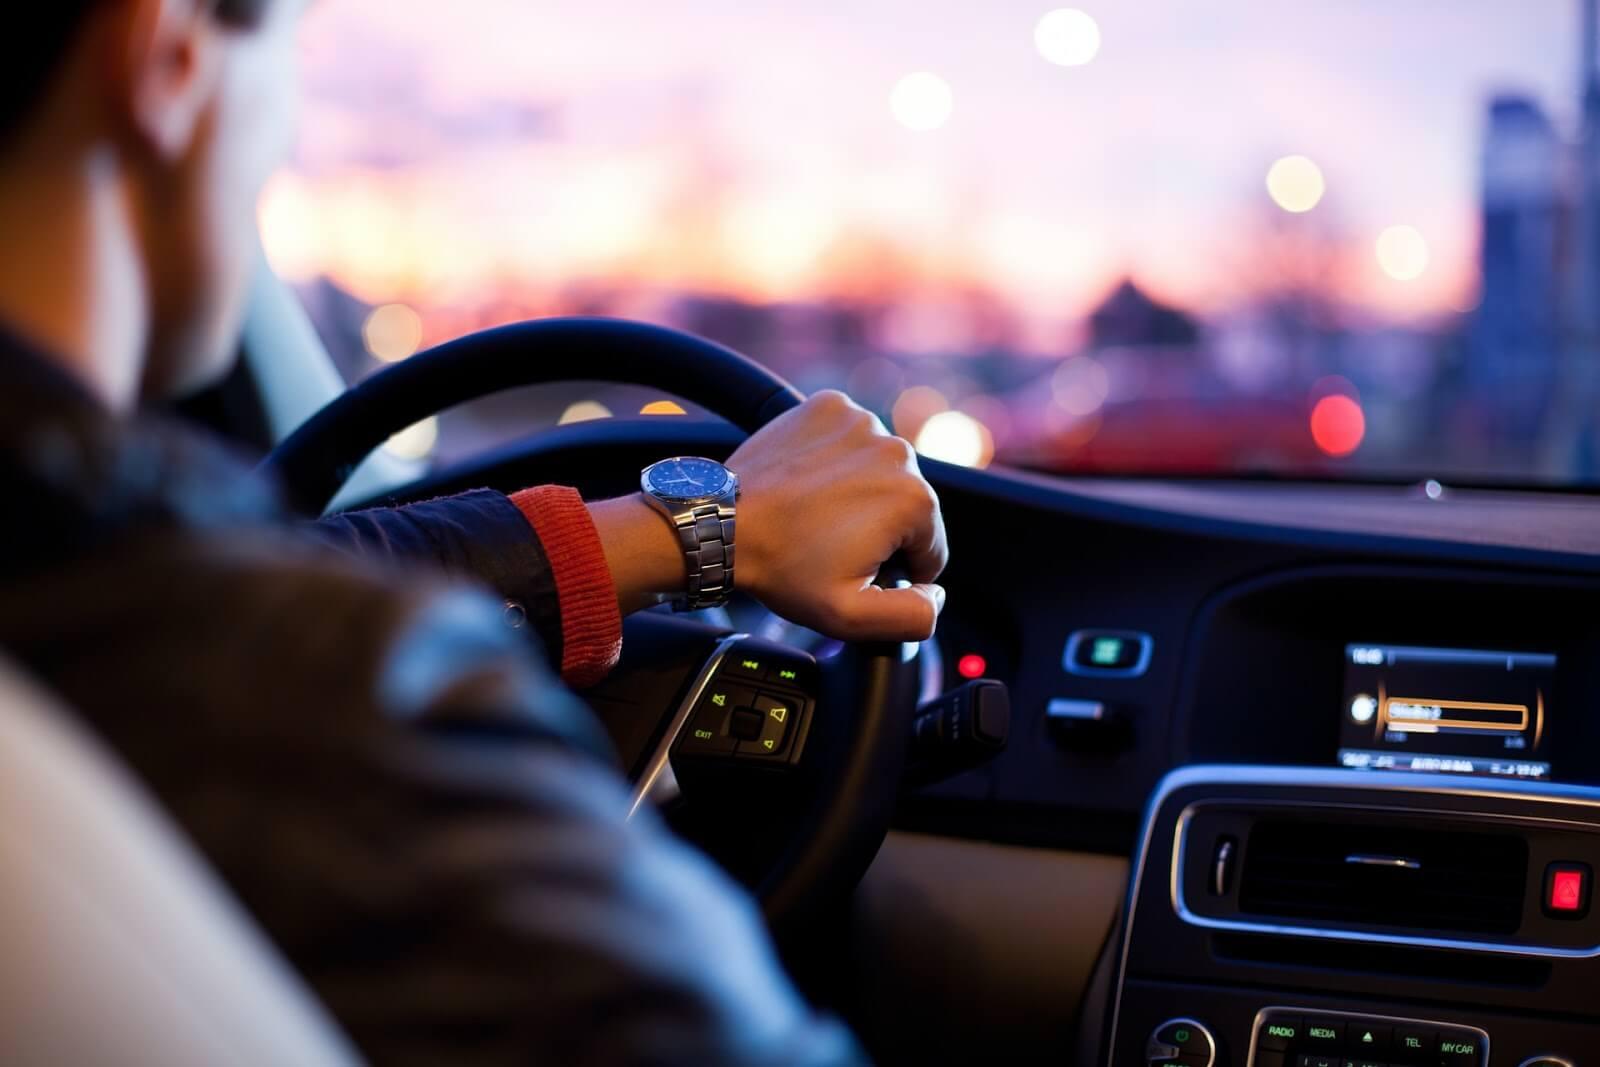 マレーシアでも車を運転したい!運転免許はどうしたらいいの?